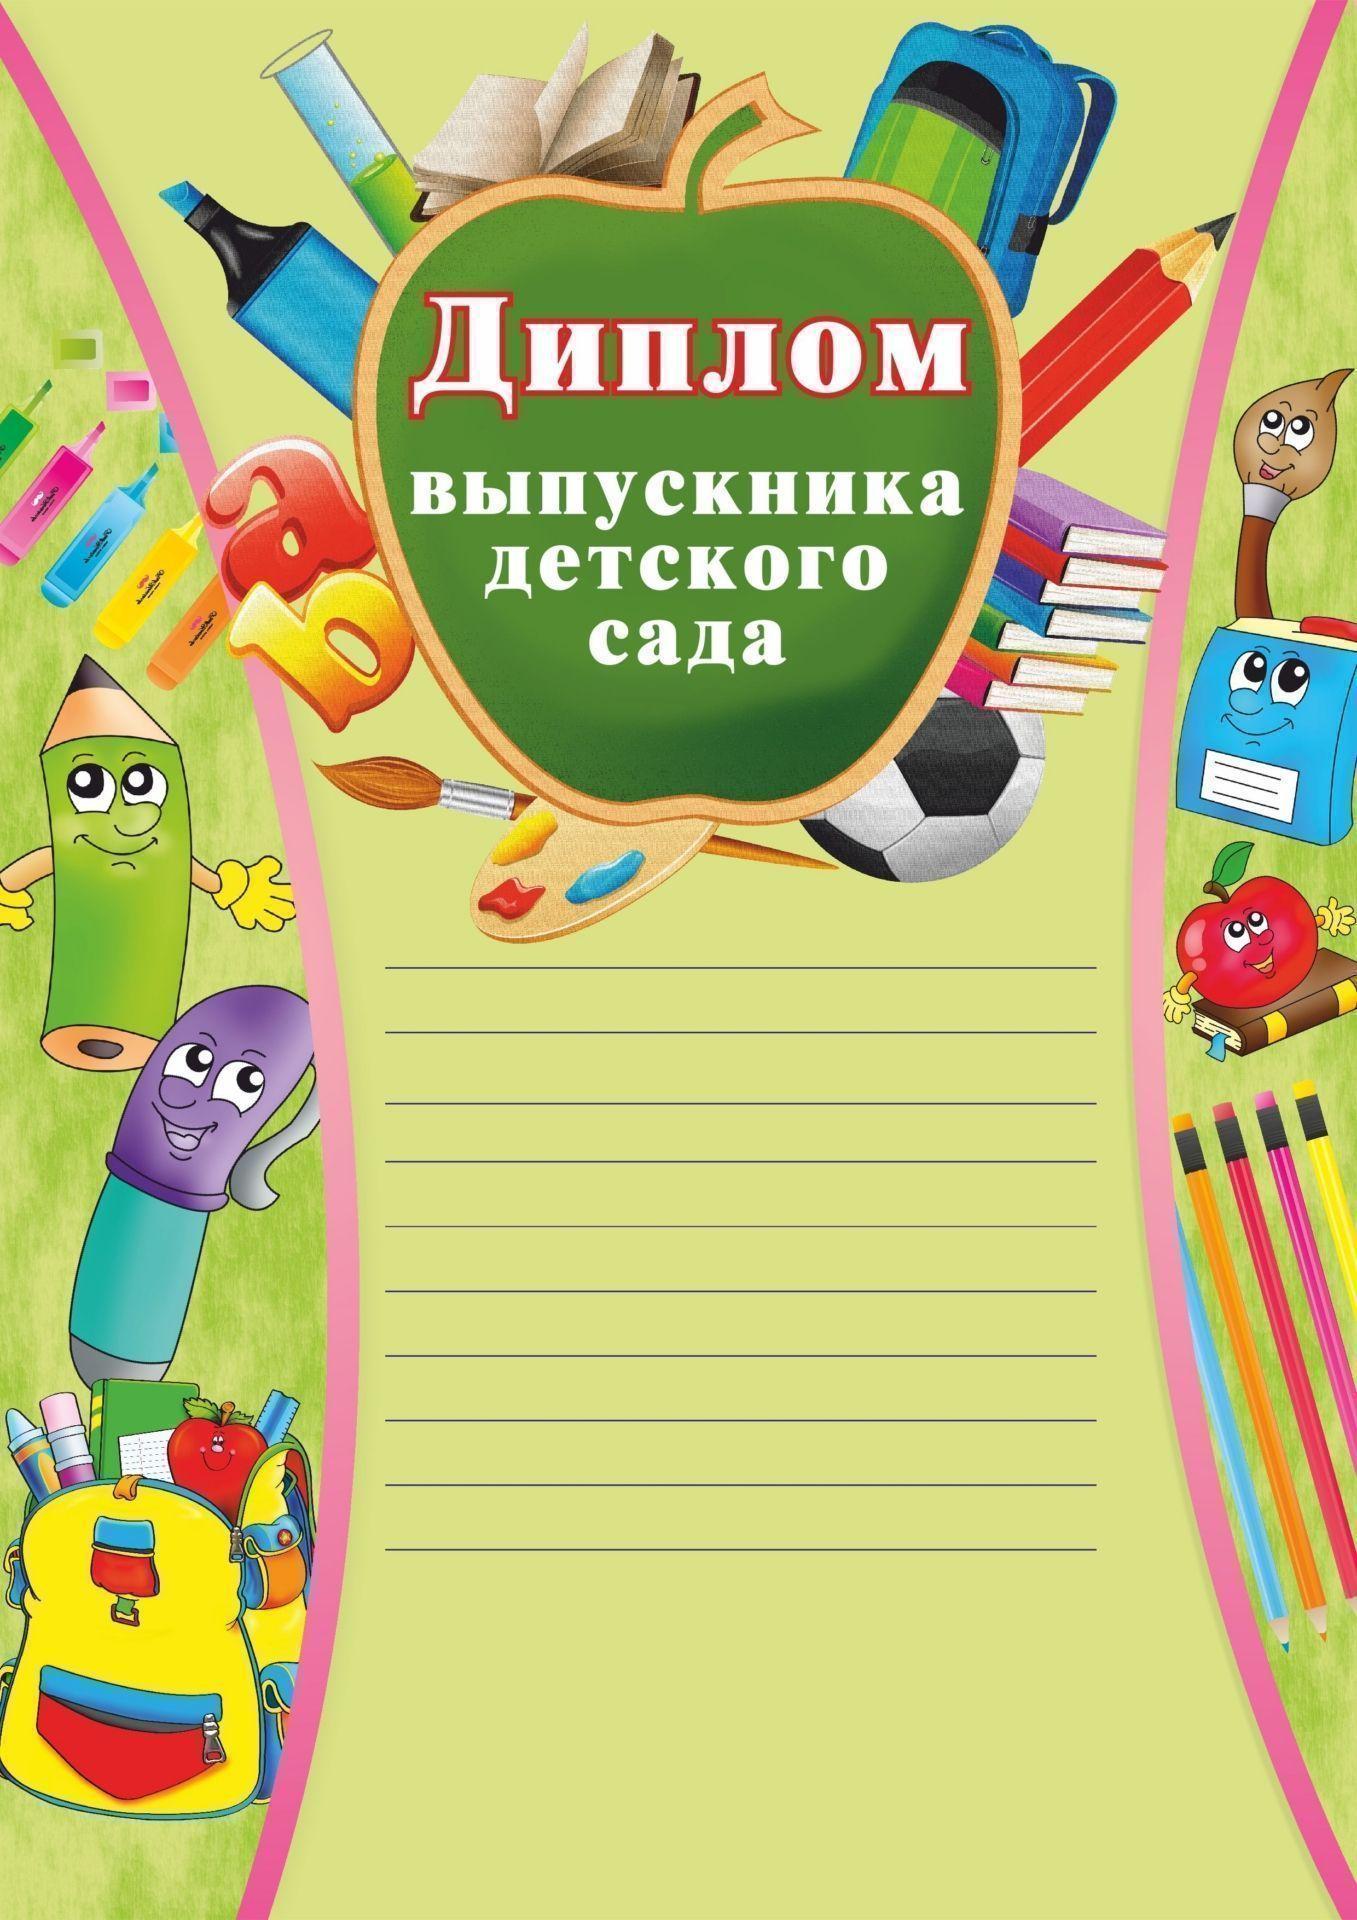 Диплом выпускнику шаблон 9 фото